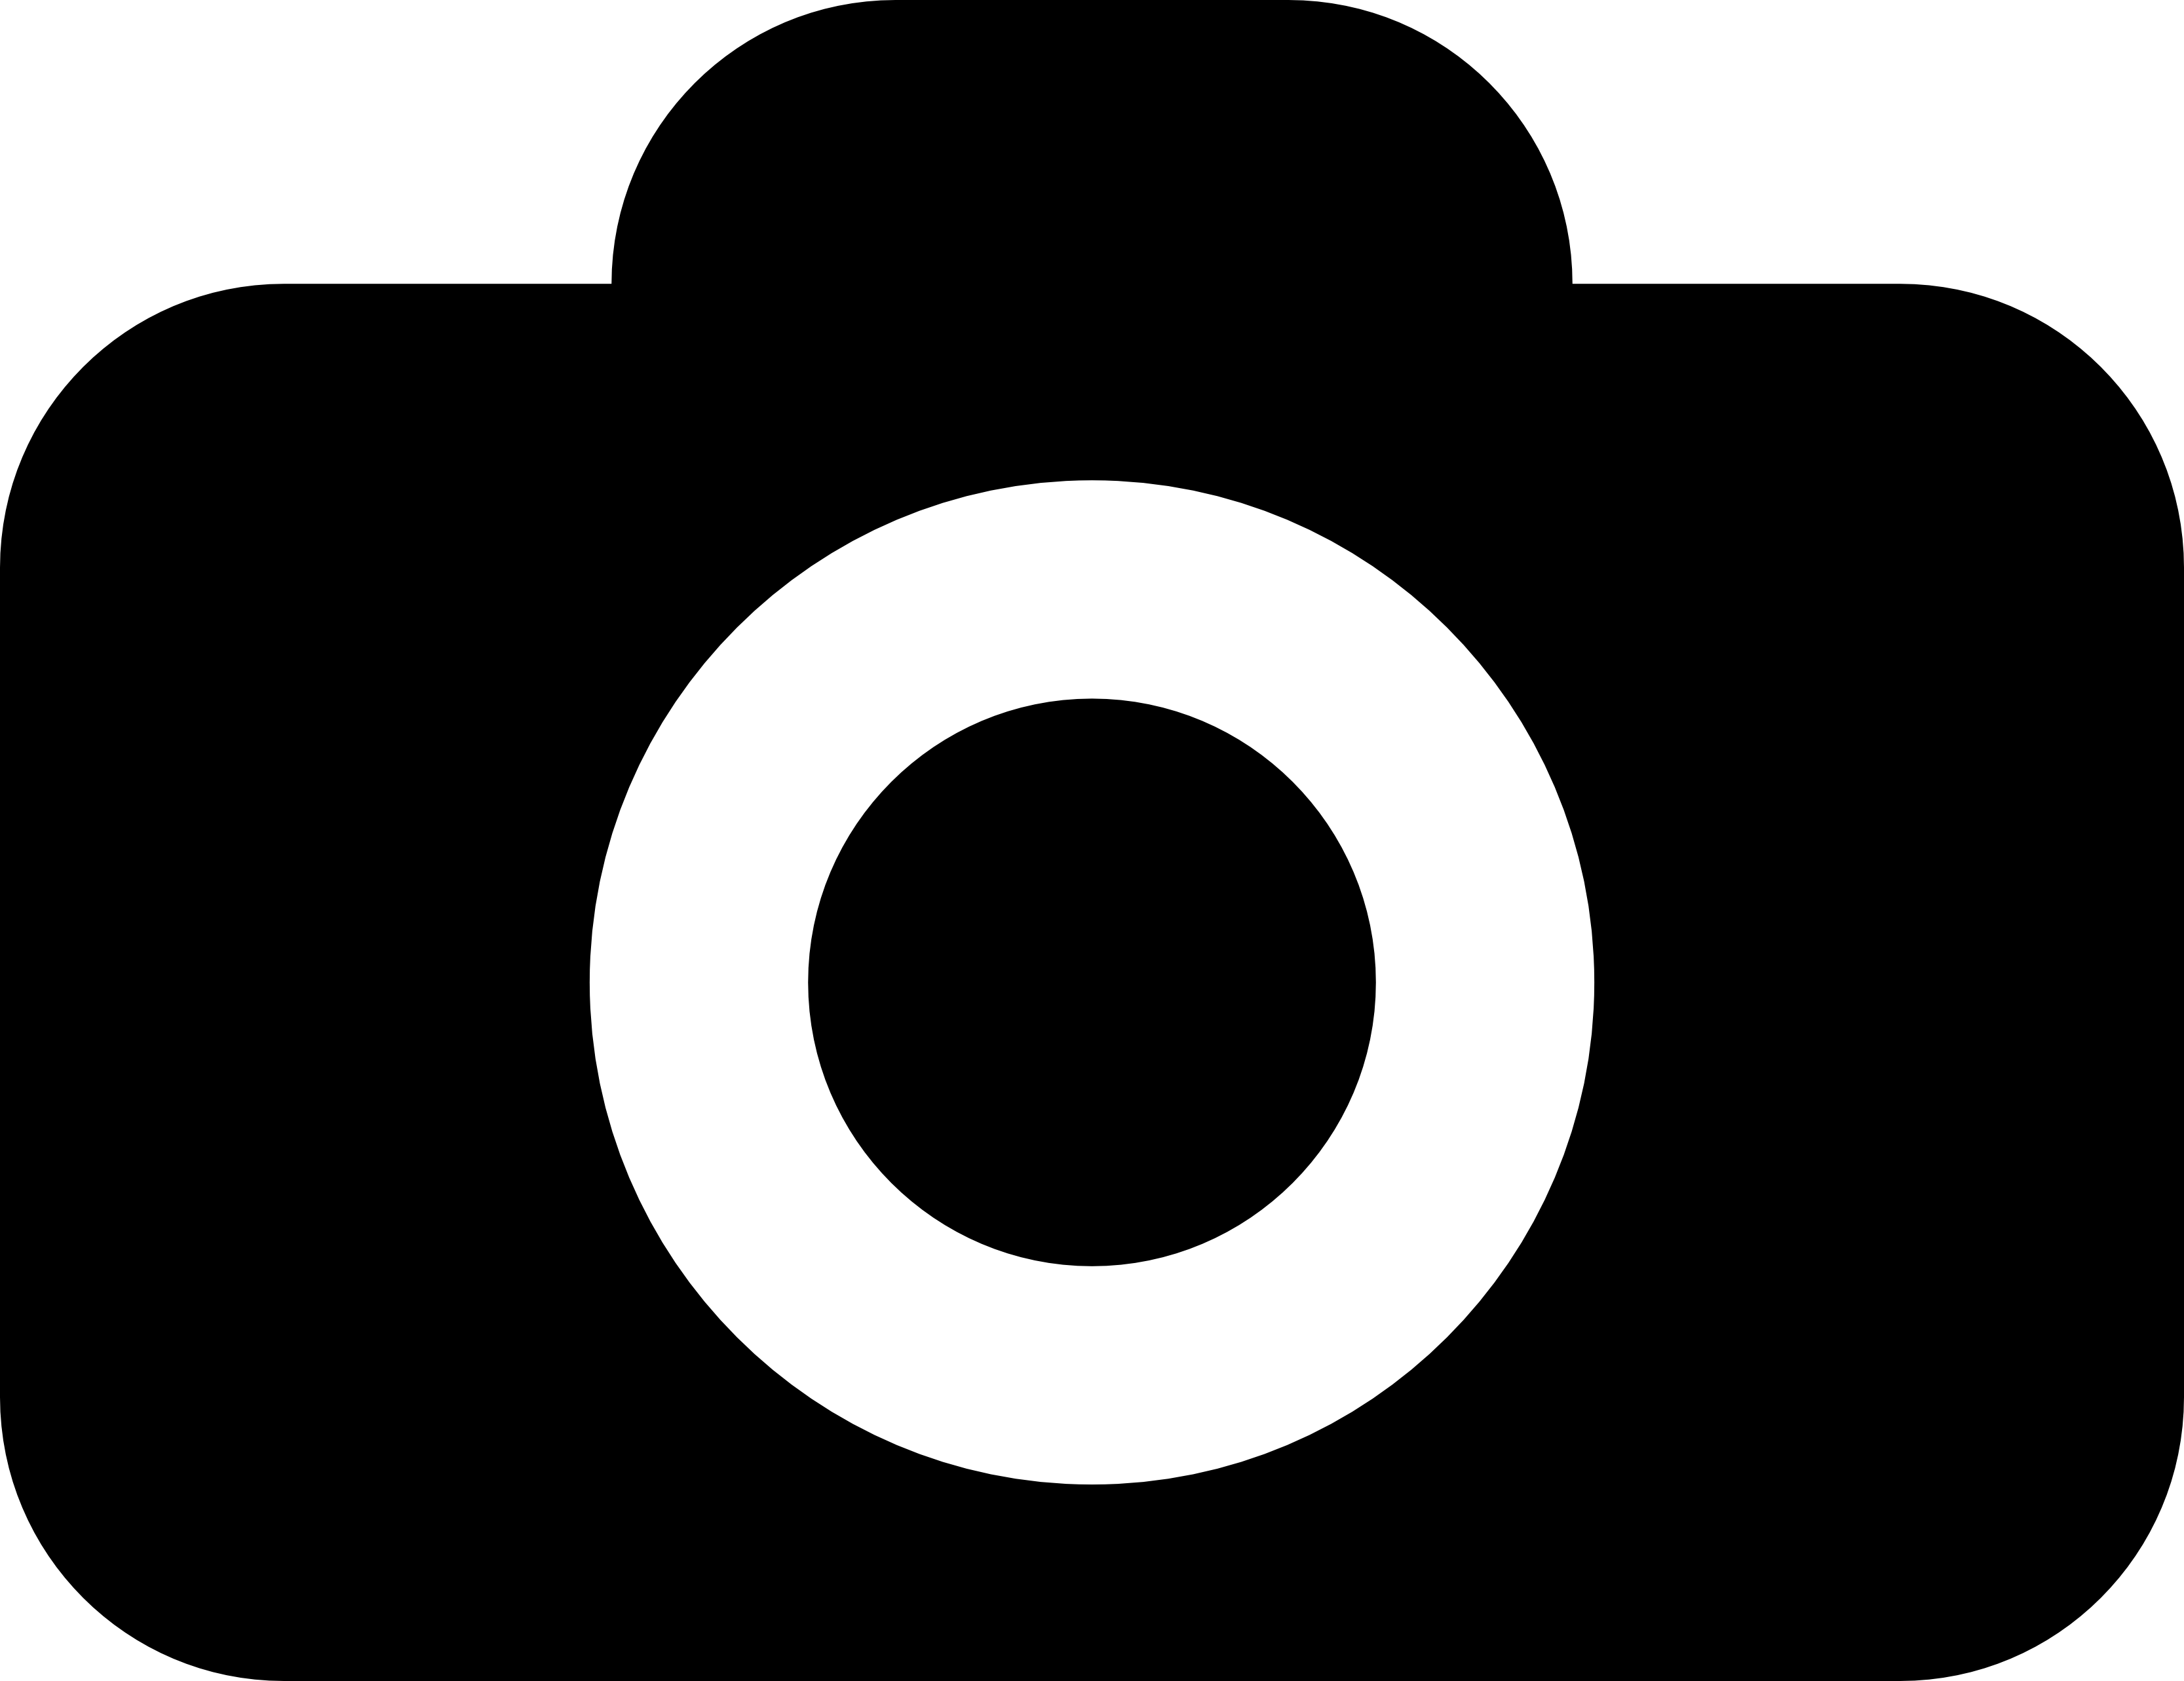 Camera clip art png. Photography clipart cmera